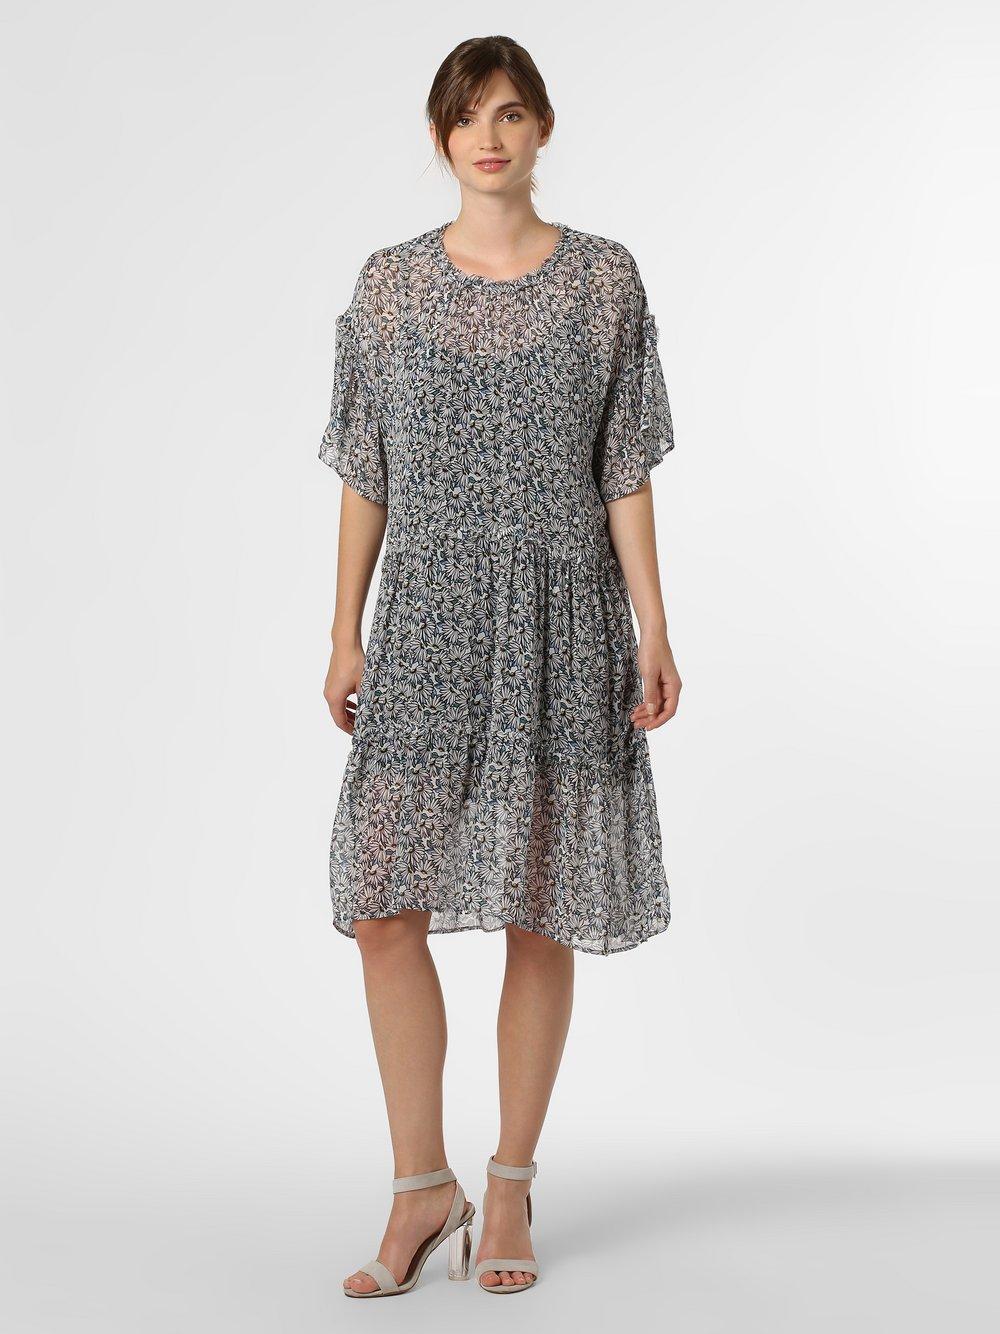 iheart – Sukienka damska, beżowy Van Graaf 438453-0001-09920